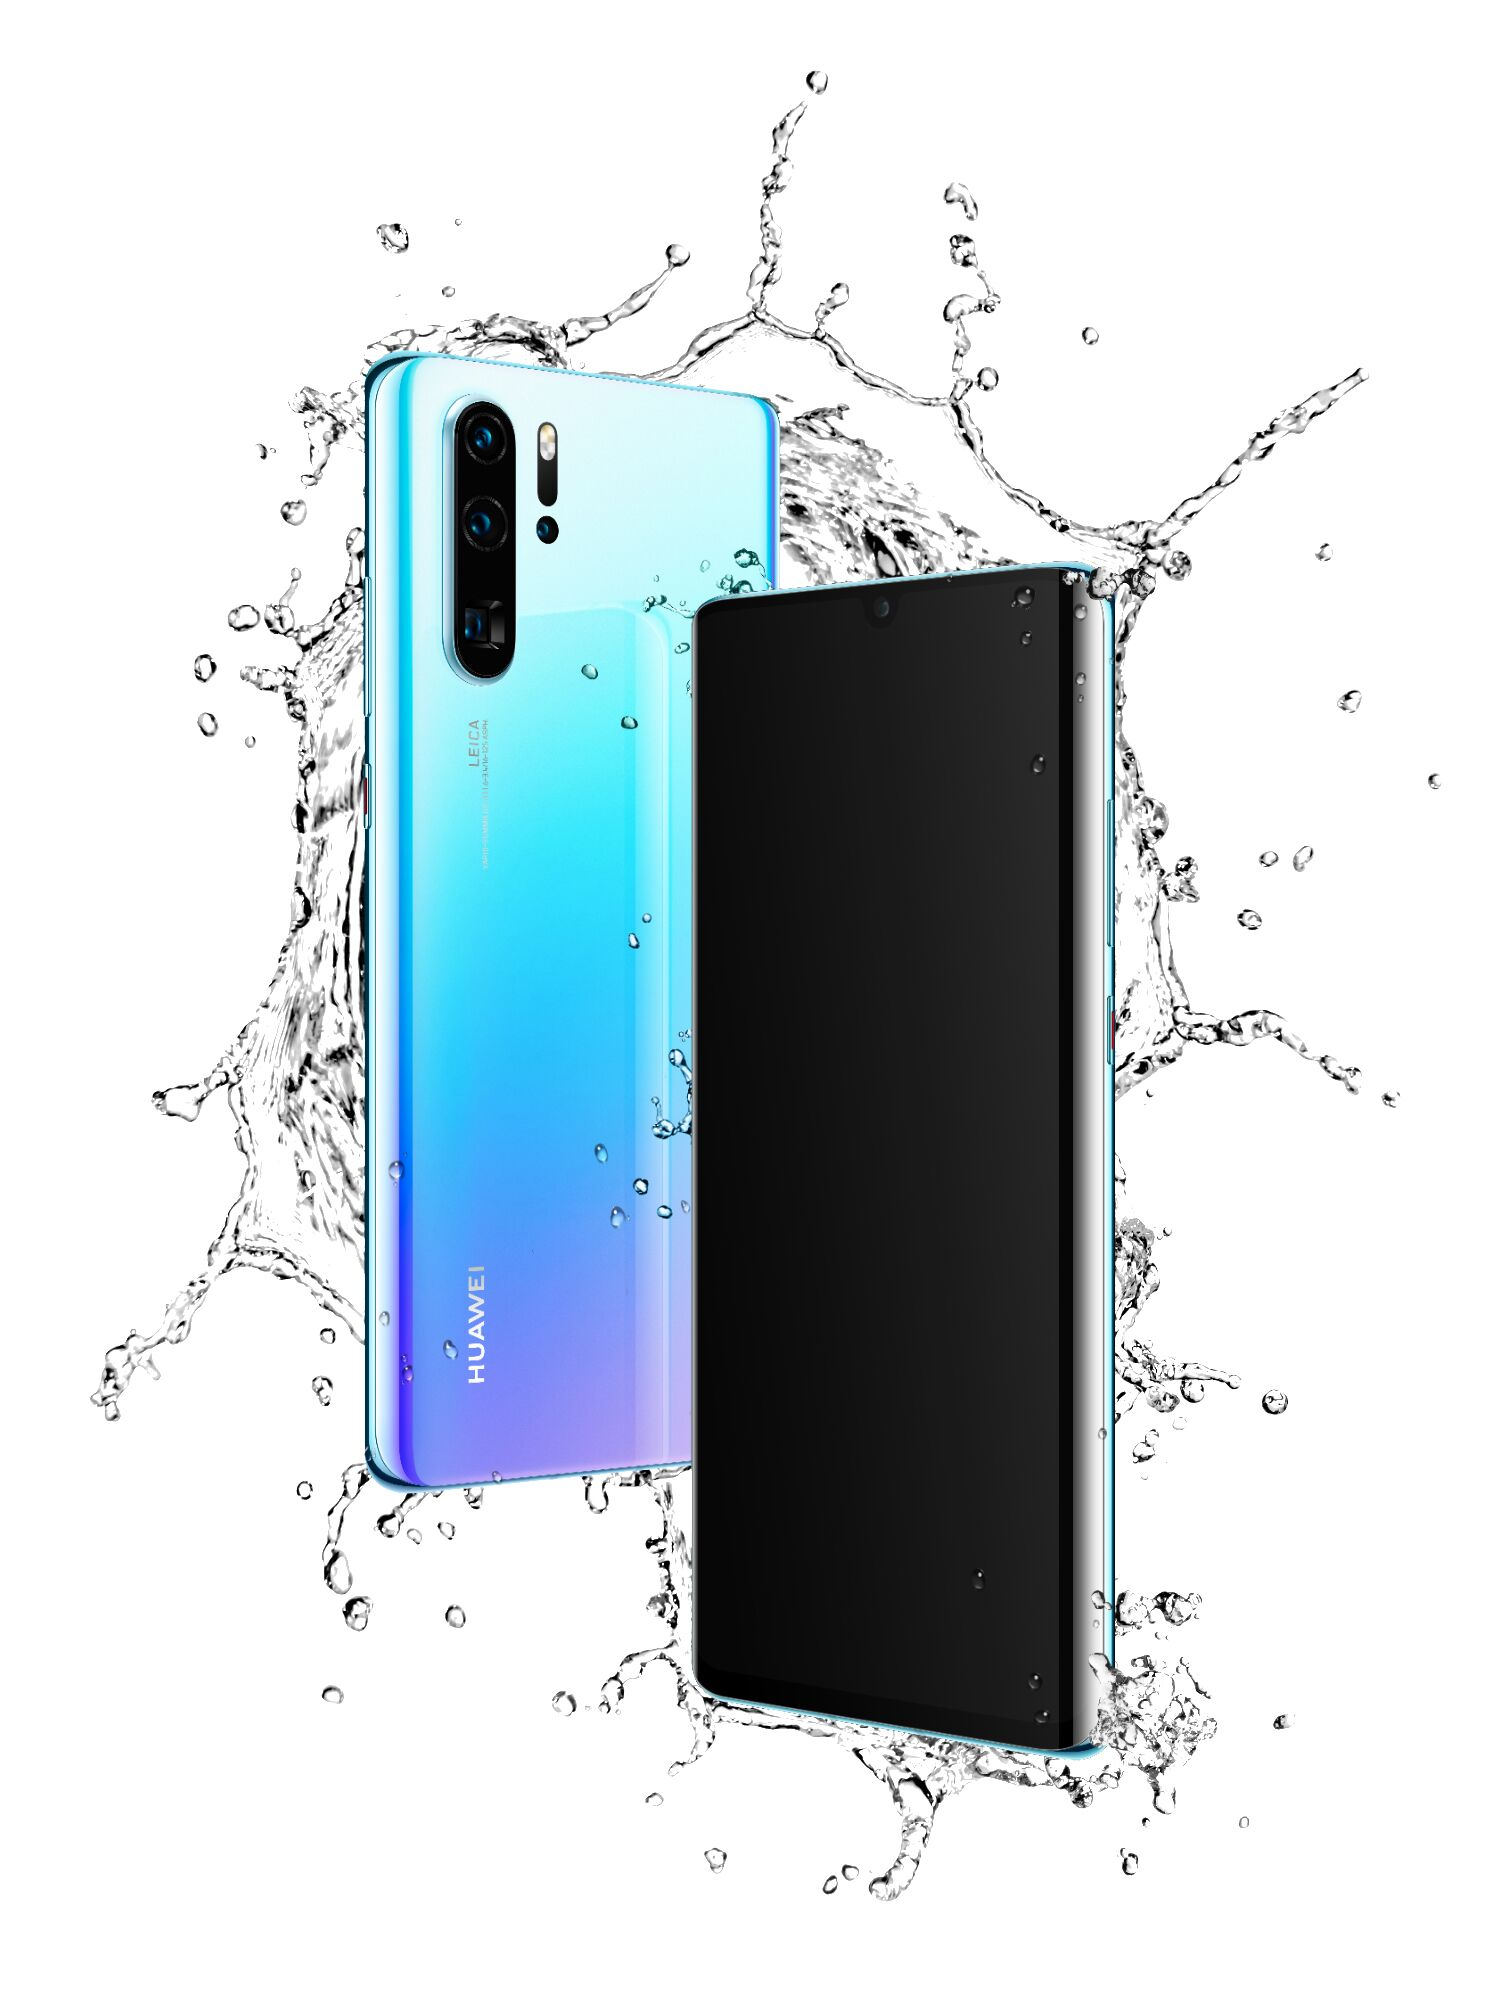 """Žingsniu priekyje: ką """"Huawei"""" į telefonus įdiegė pirmieji?"""